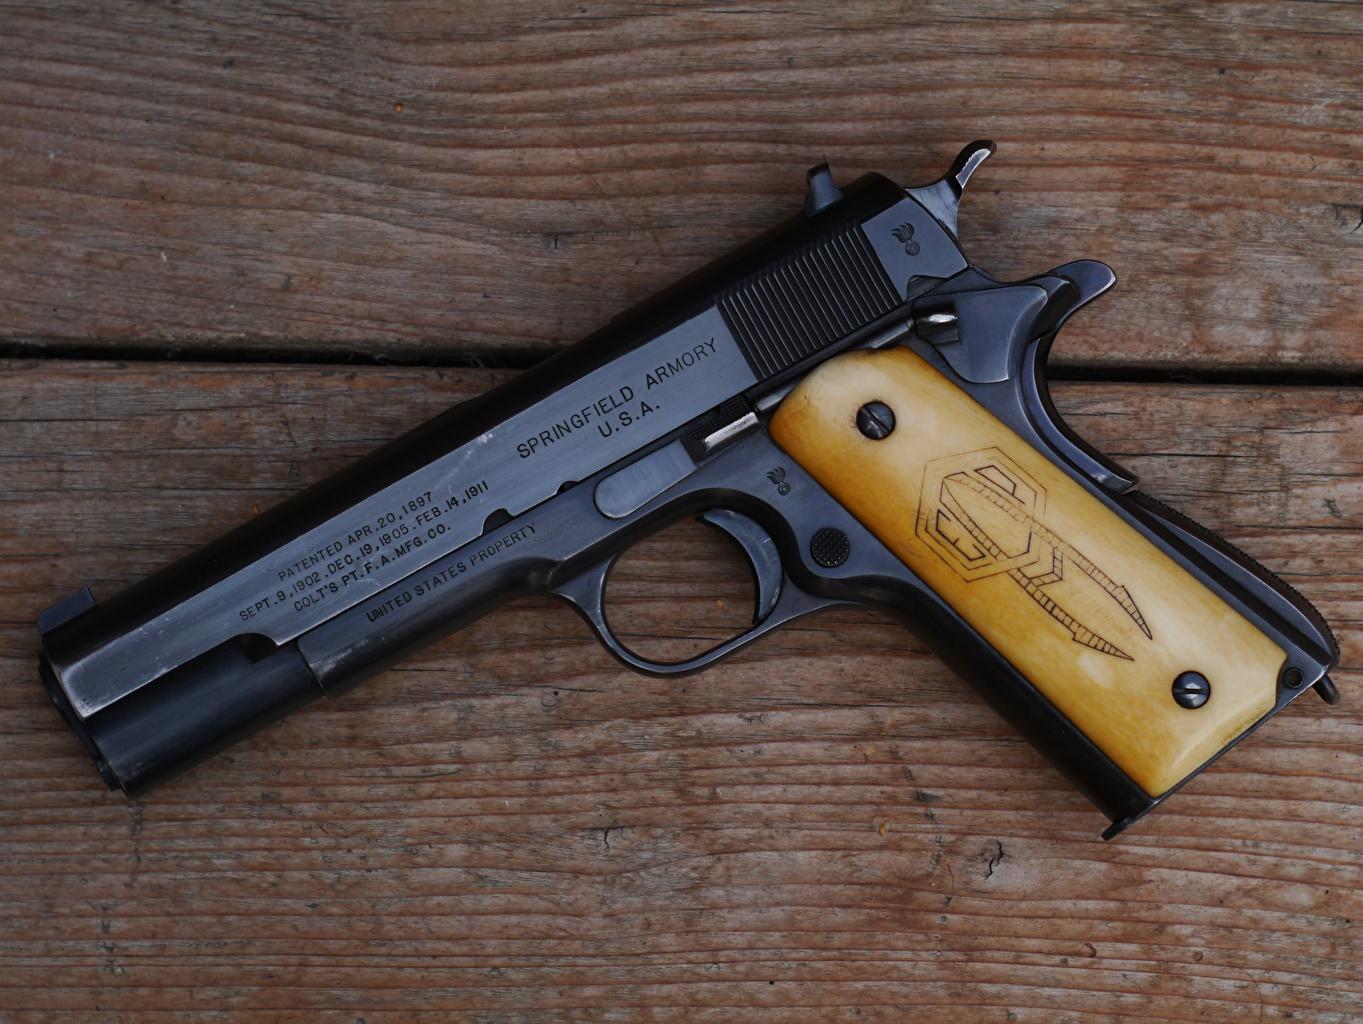 Картинки пистолет М1911 автомобиль вблизи Пистолеты пистолетом авто машина машины Автомобили Крупным планом